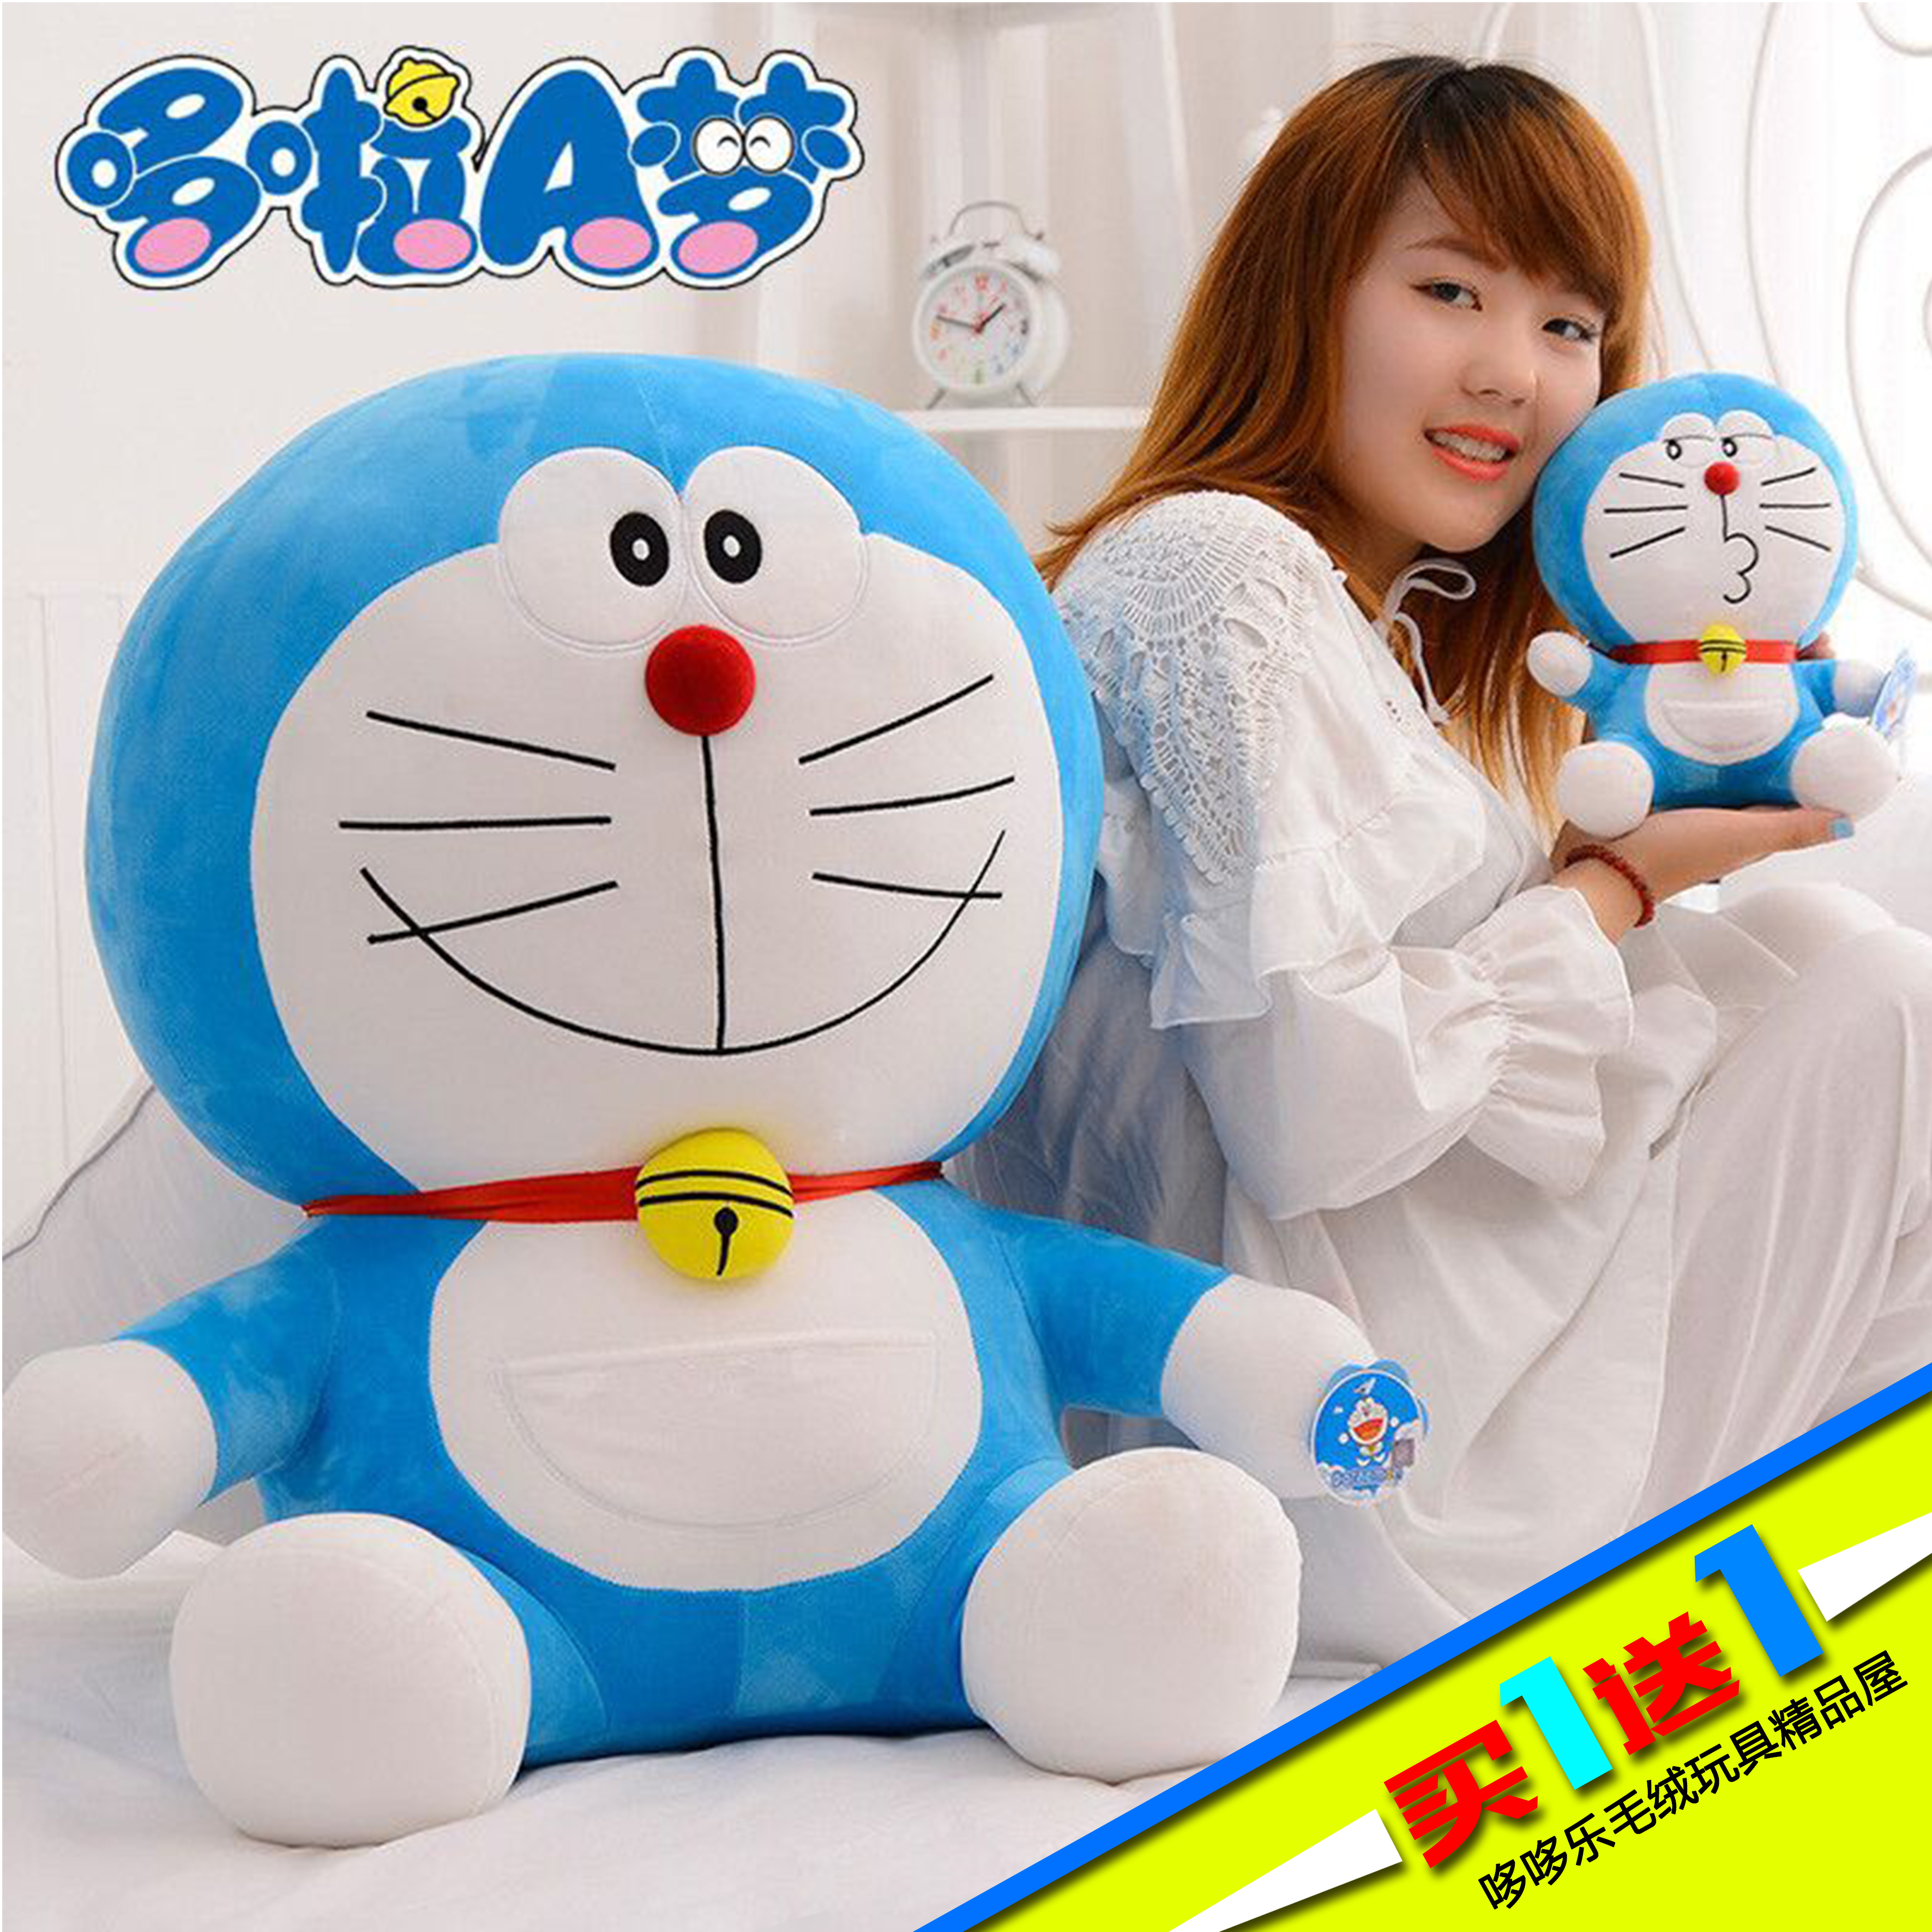 機器貓可愛叮當生日禮物貓抱枕娃娃毛絨玩具